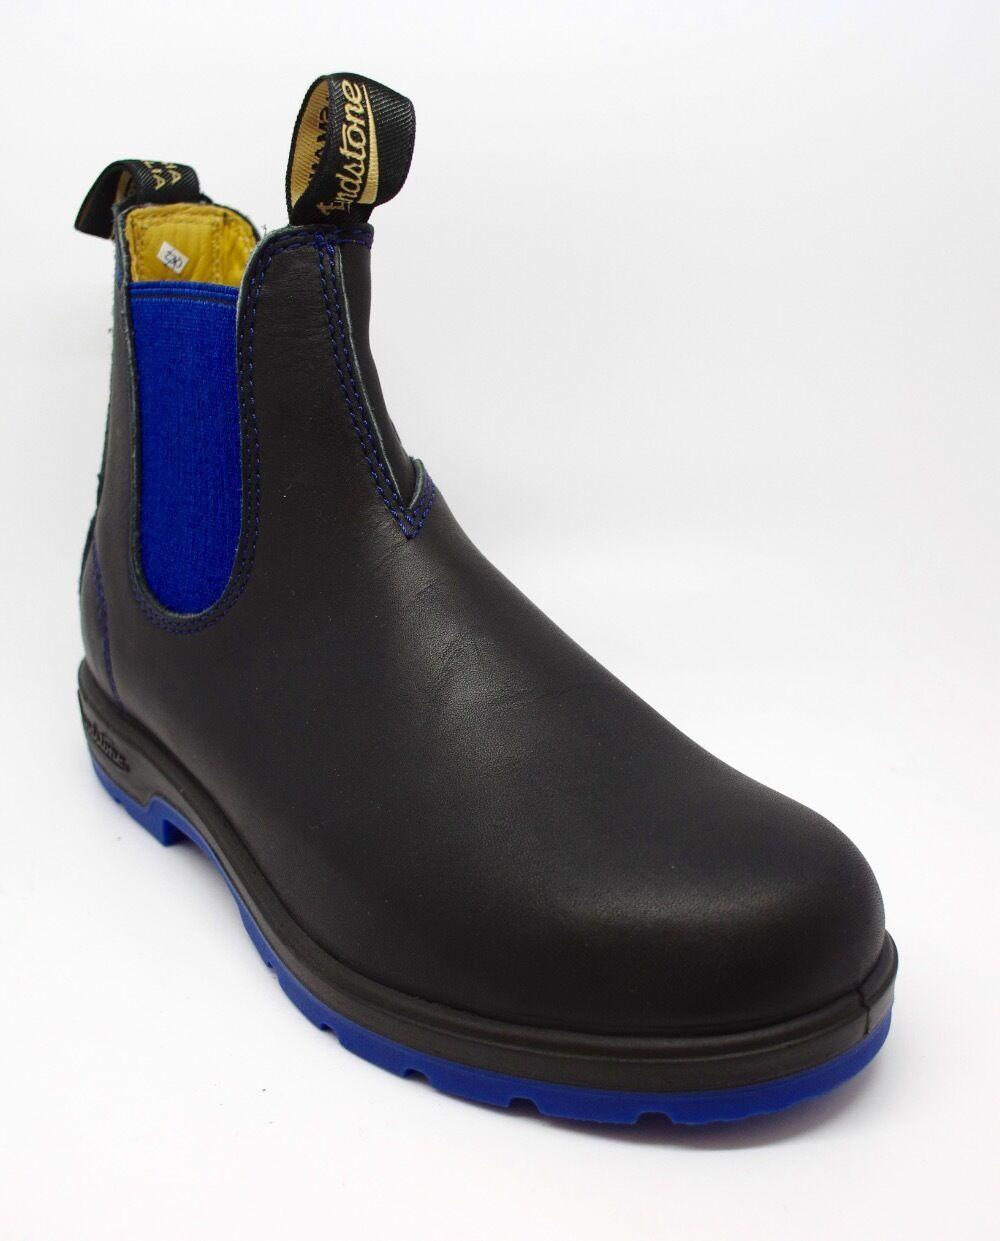 Billig gute Qualität Blundstone 1403 Chelsea Boot